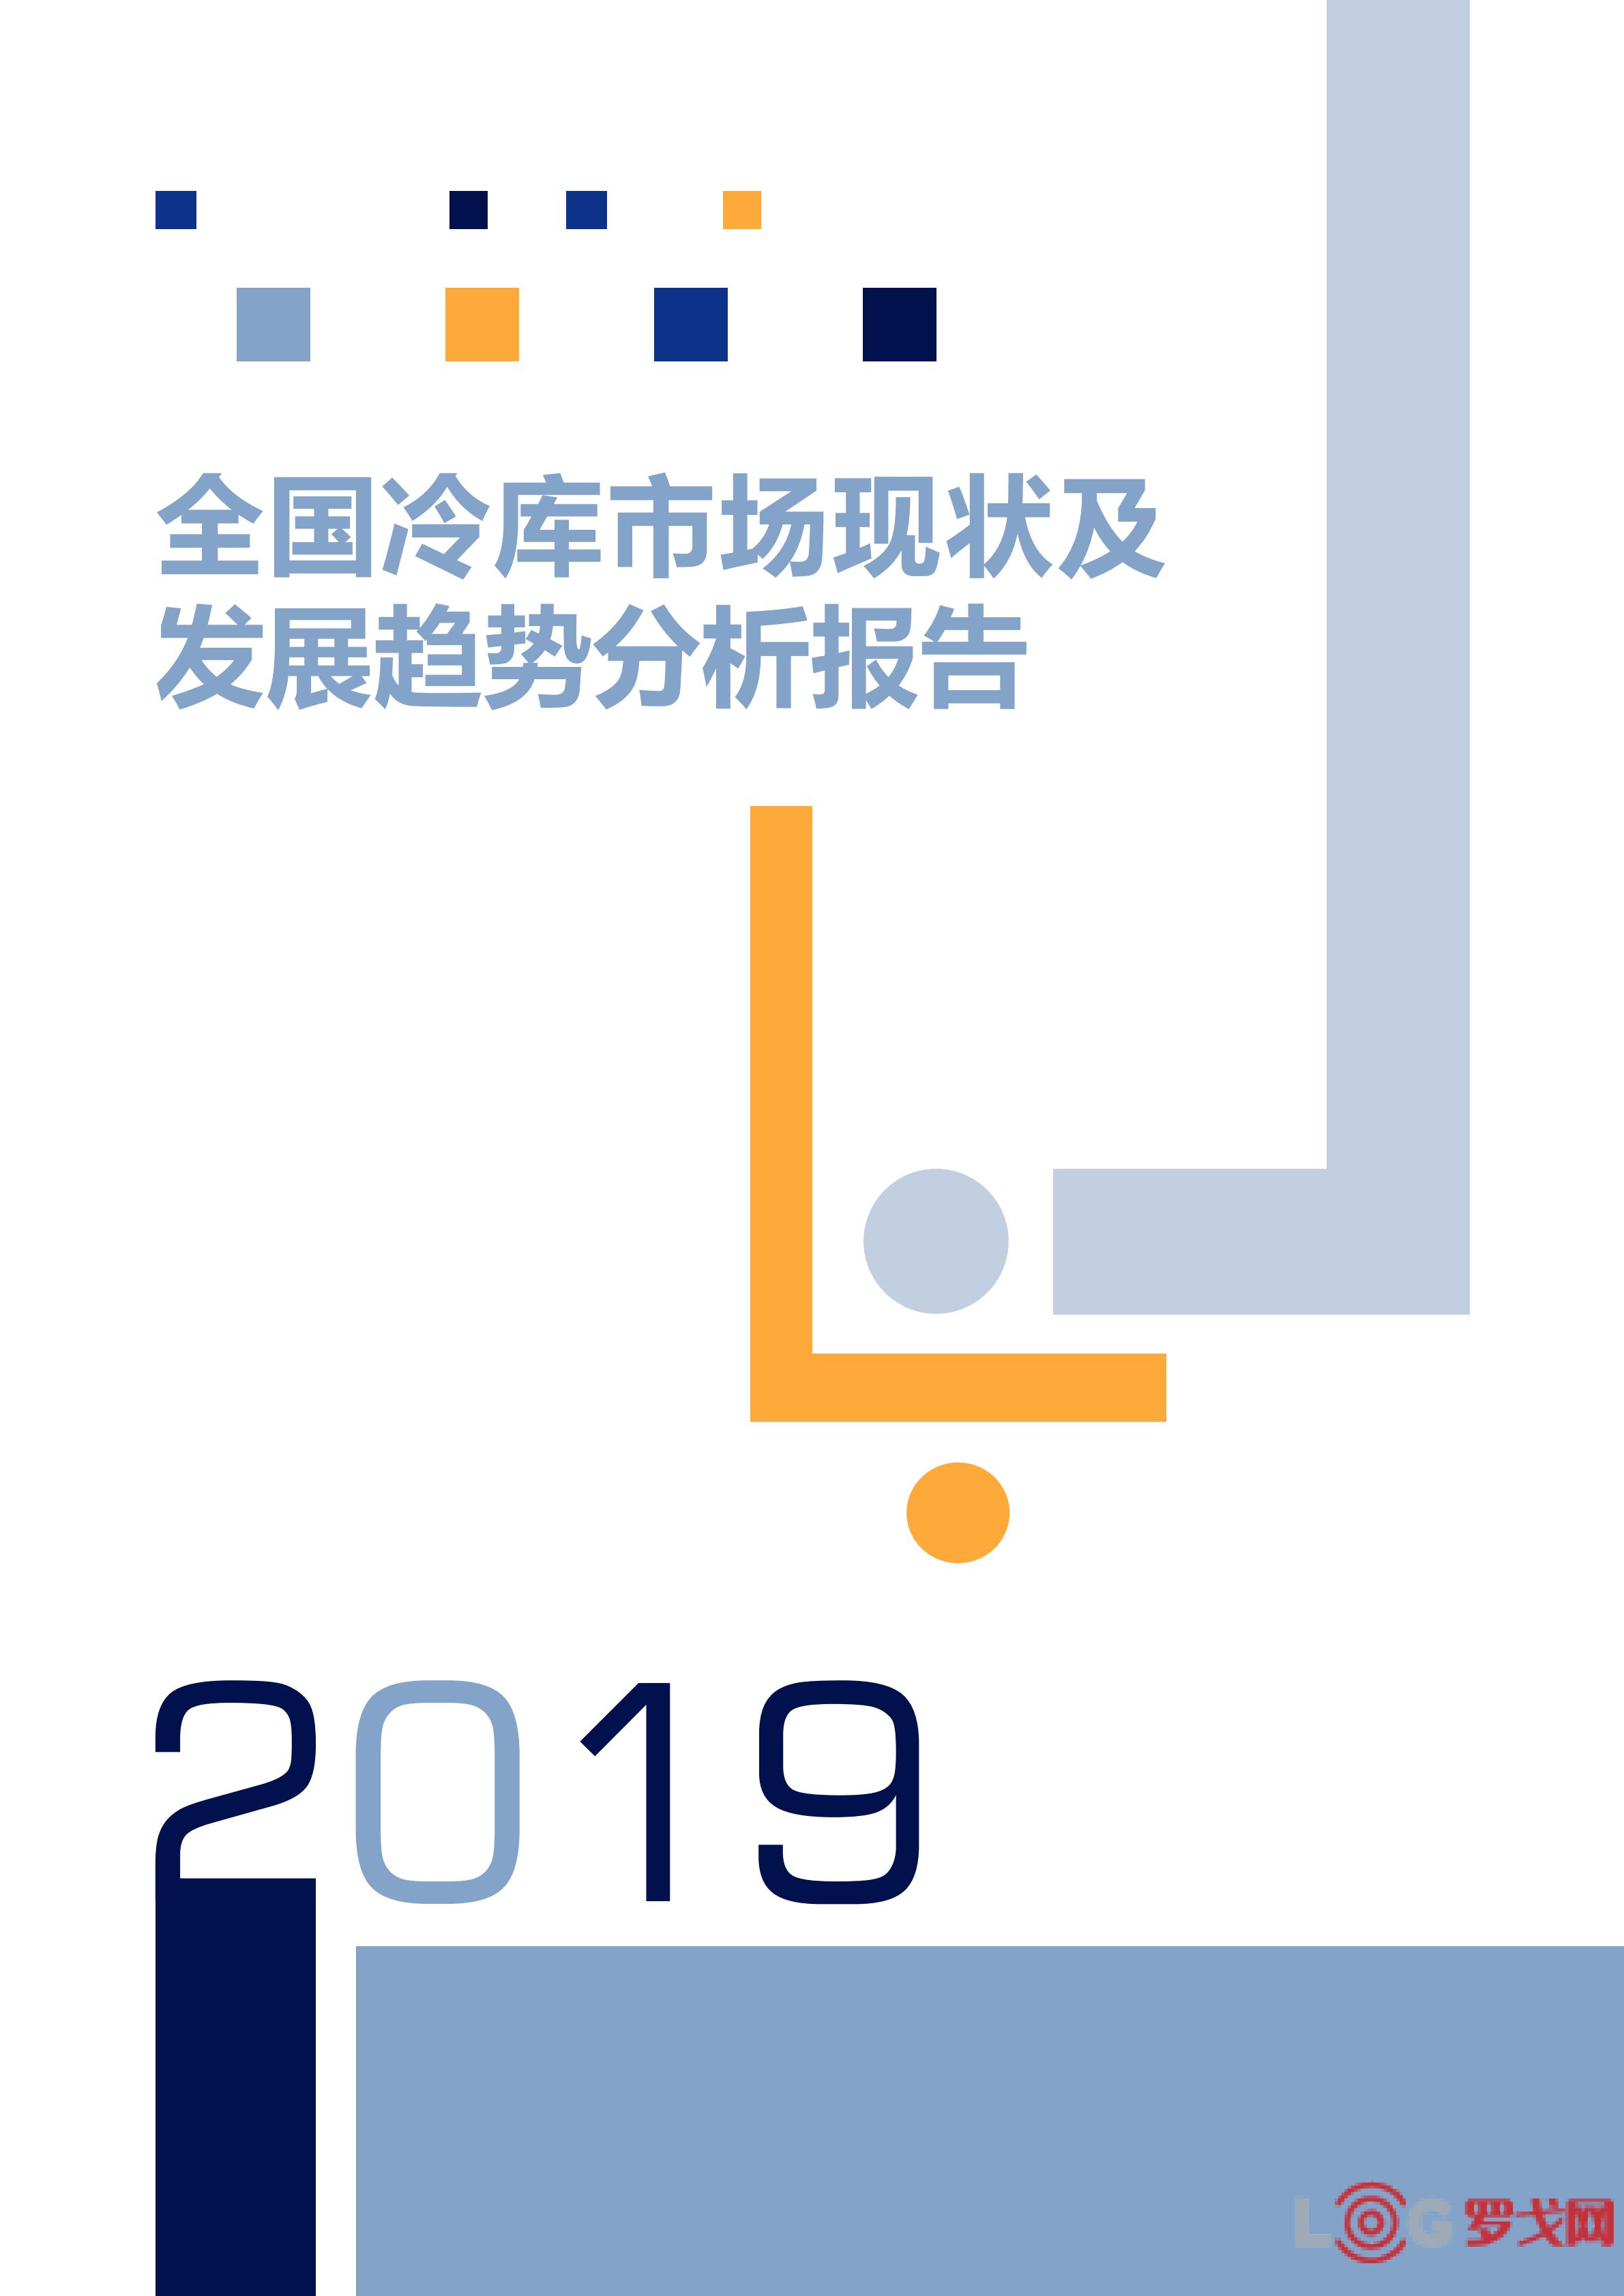 2019全国冷库市场现状及发展趋势分析报告(附下载)